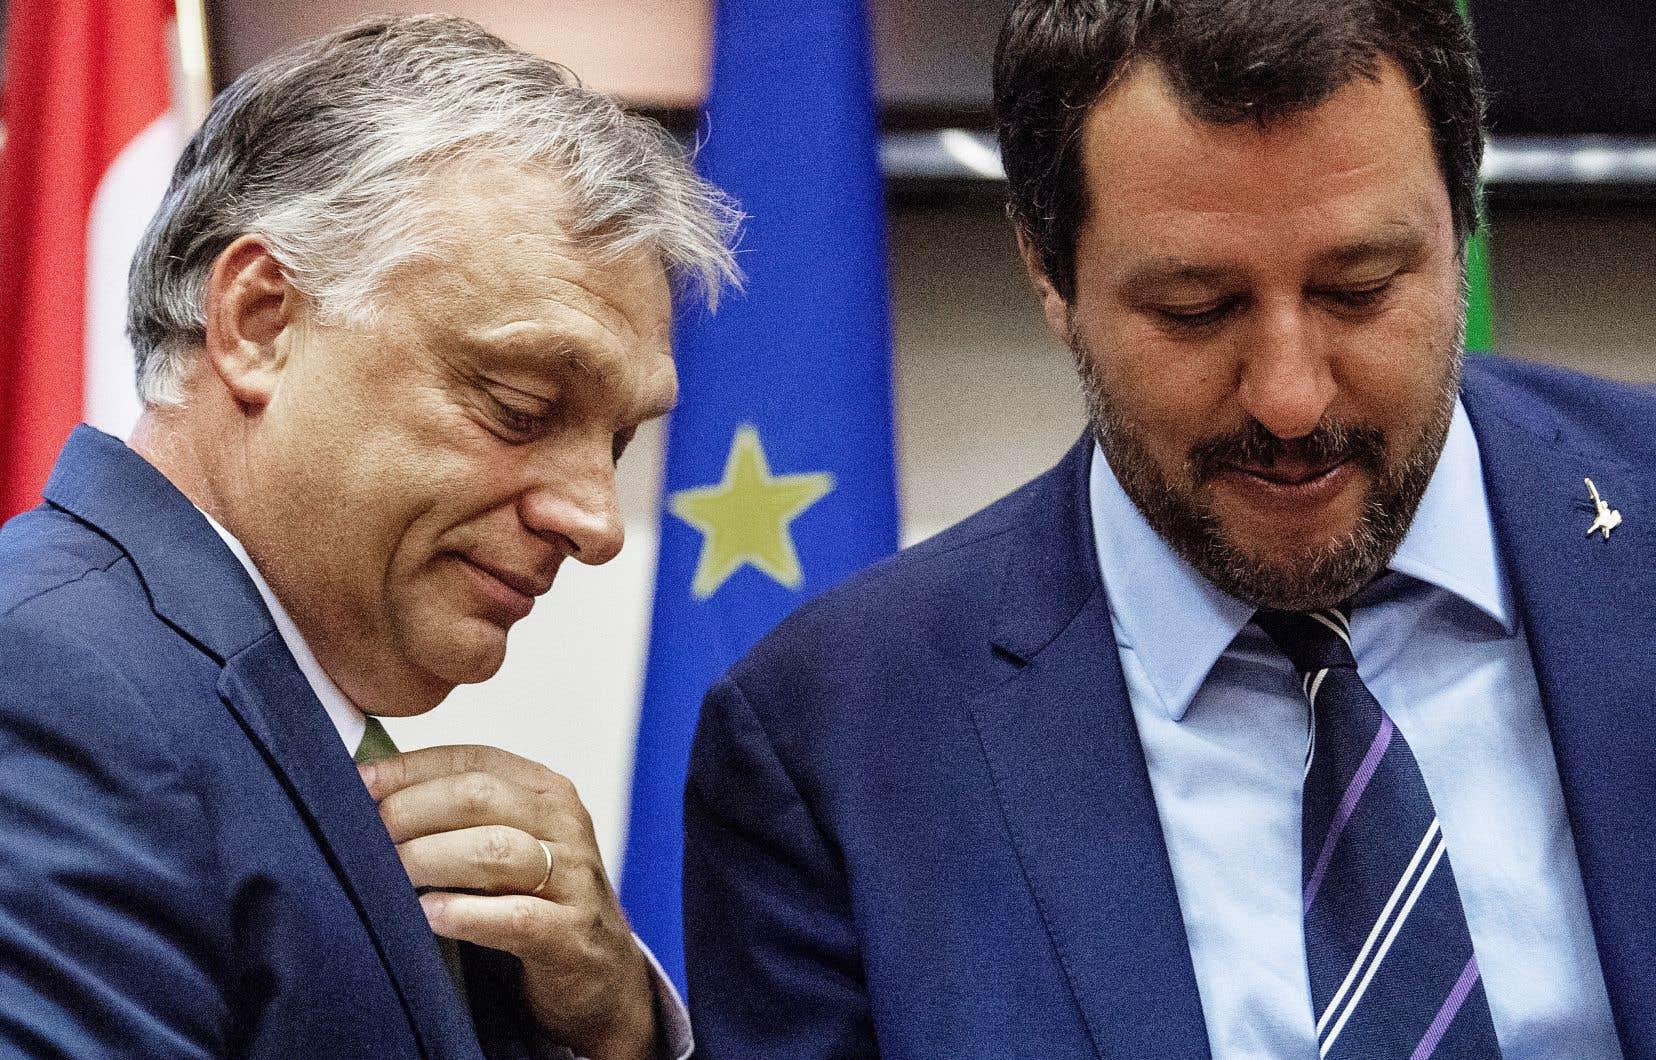 Le ministre italien de l'Intérieur, Matteo Salvini, à droite, a rencontré mardi à Milan le premier ministre national-conservateur hongrois, Viktor Orbán. Les deux hommes sont partisans d'une ligne dure contre les migrants arrivant en Europe.